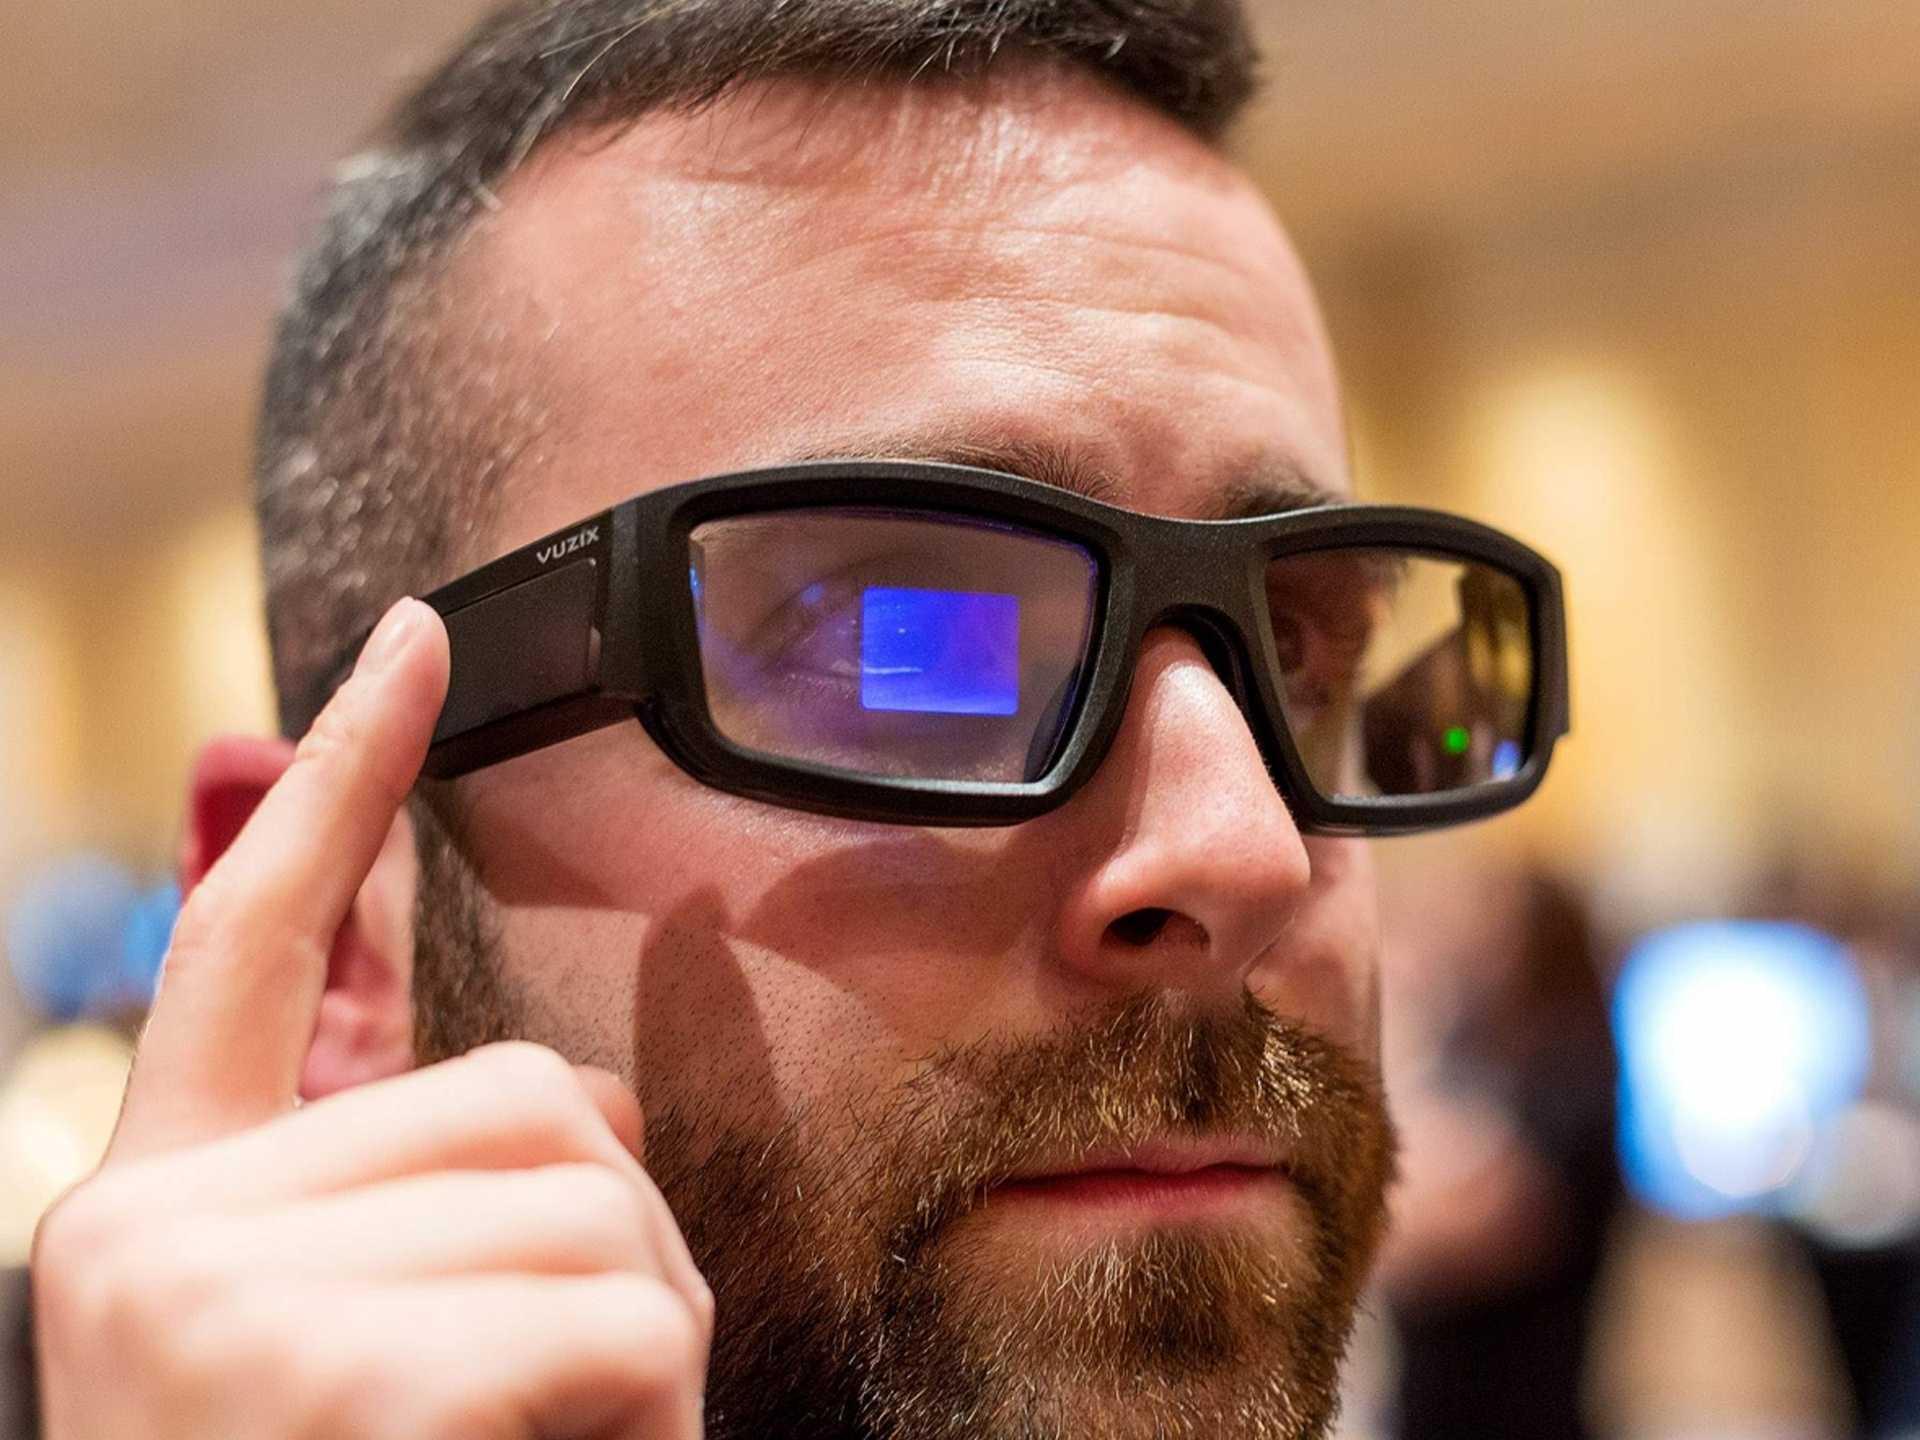 Дополненная реальность на айфон: что это такое и как включить у себя на смартфоне